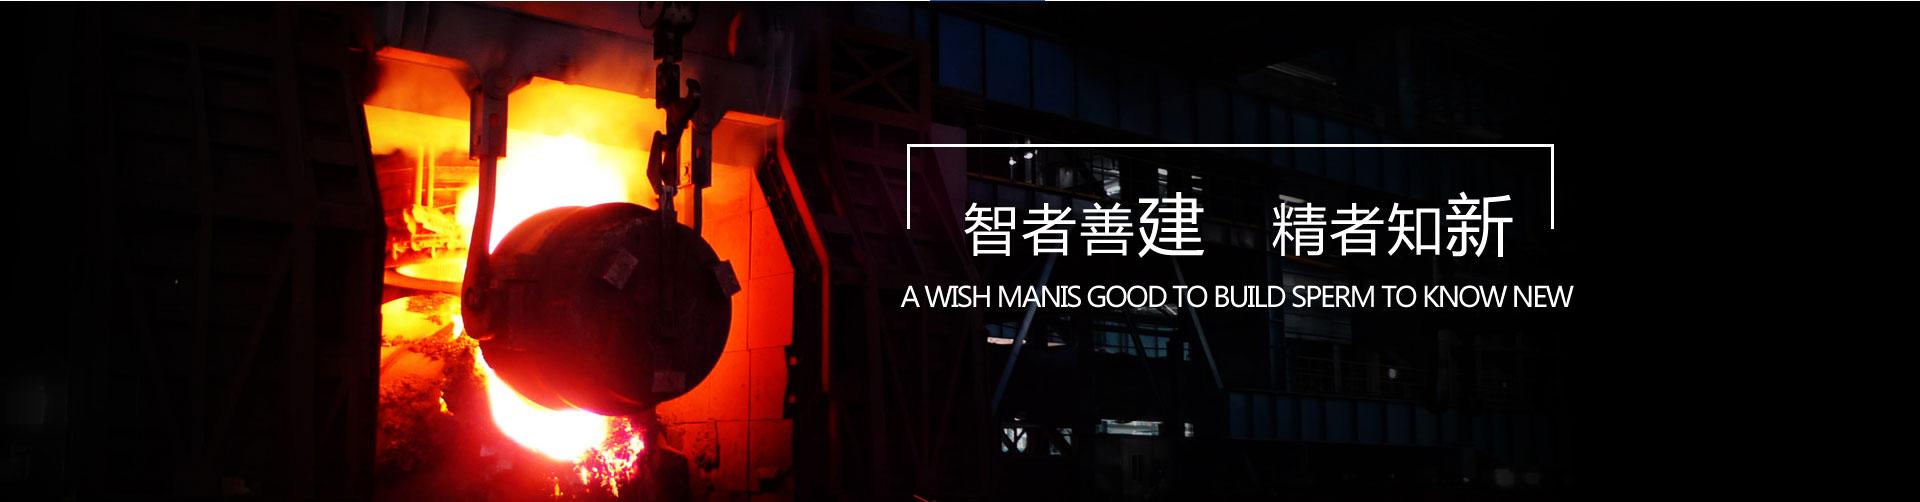 建新铸造亚搏直播app官方网站亚搏官方平台